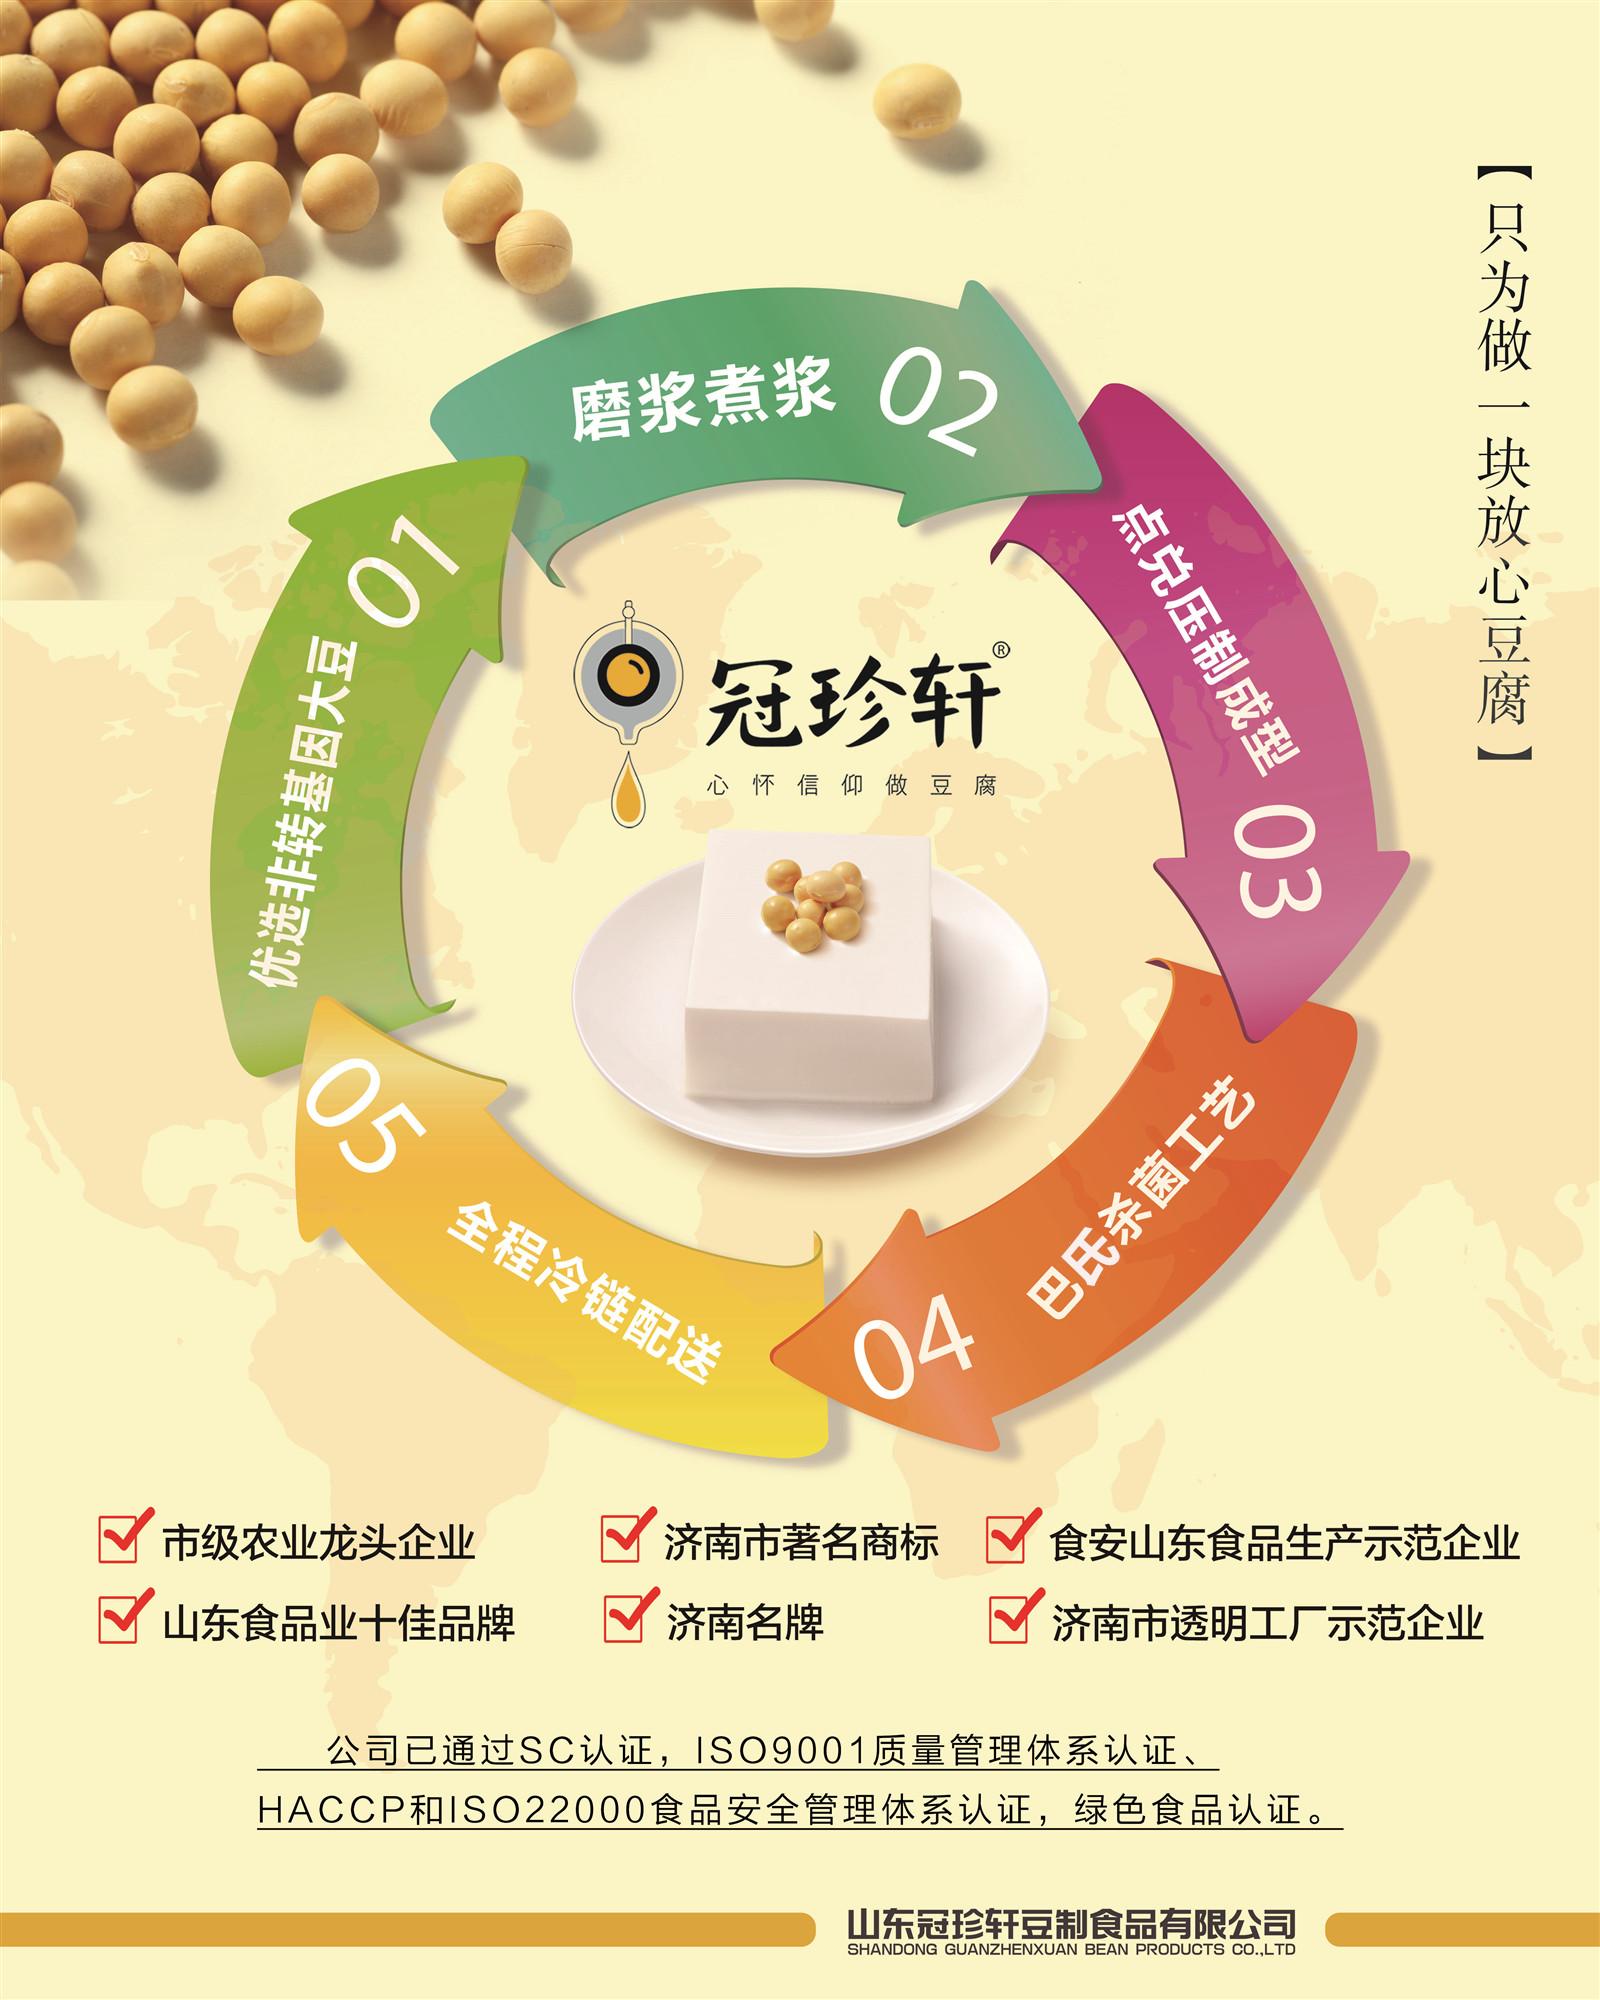 一块豆腐的生产过程_副本.jpg